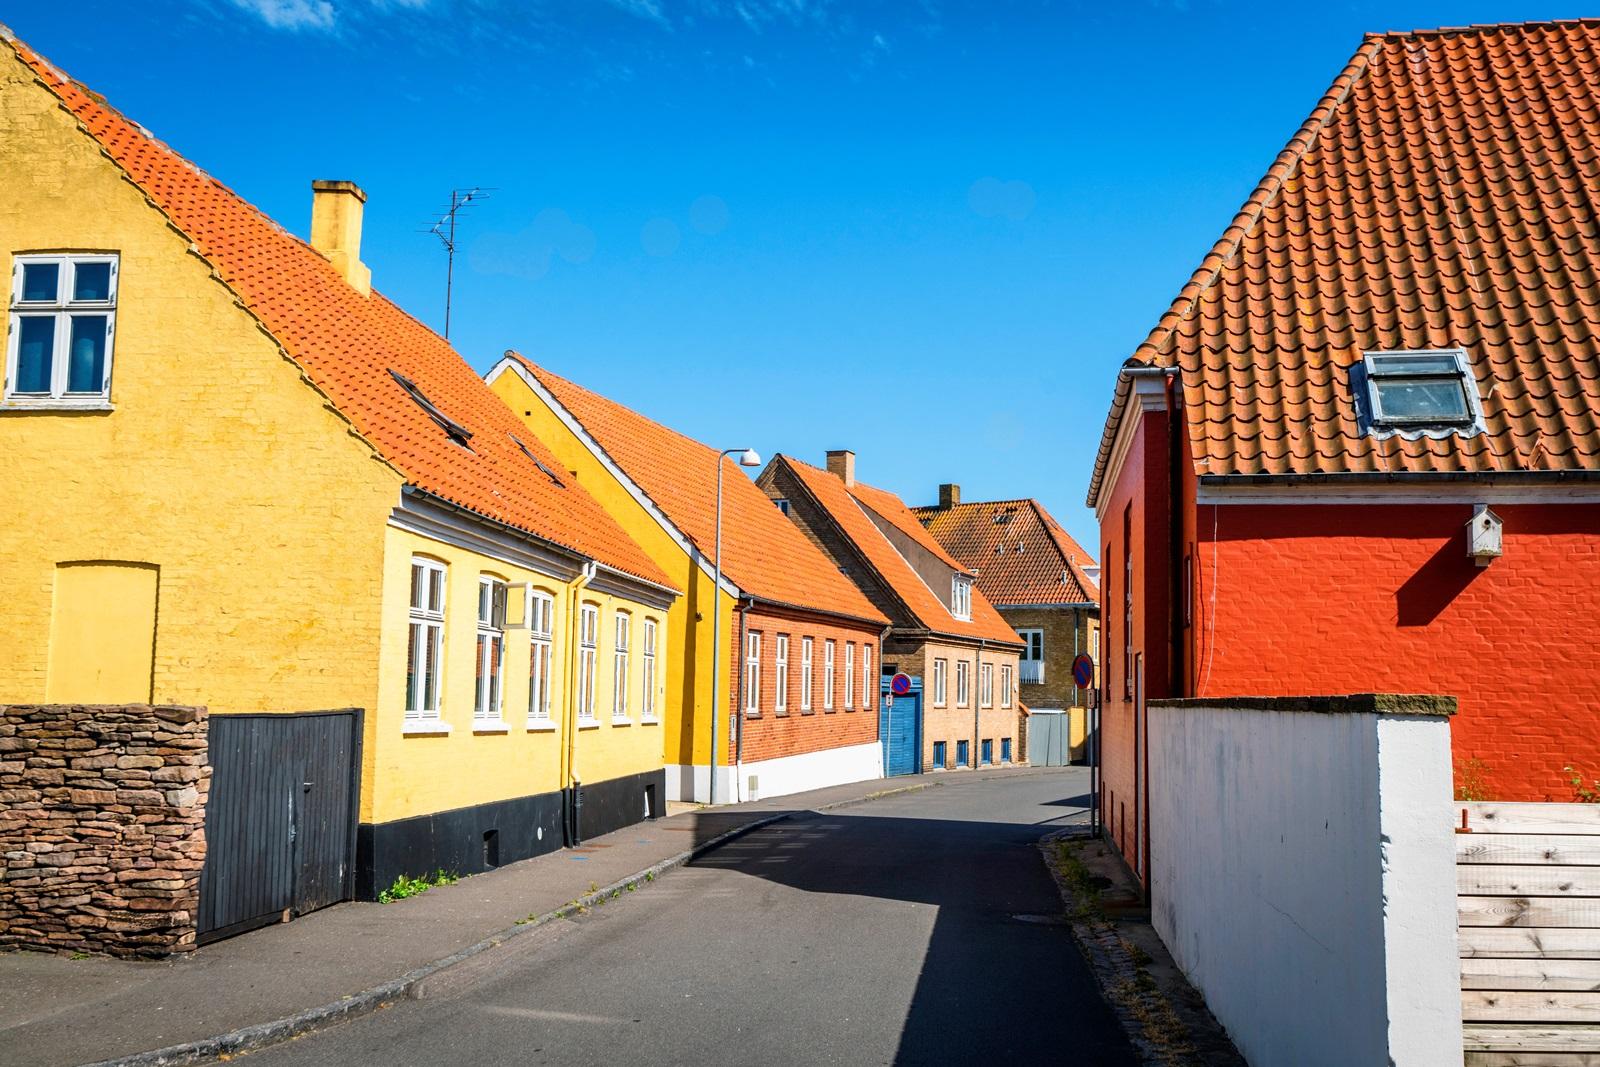 Billede fra Bornholm 01